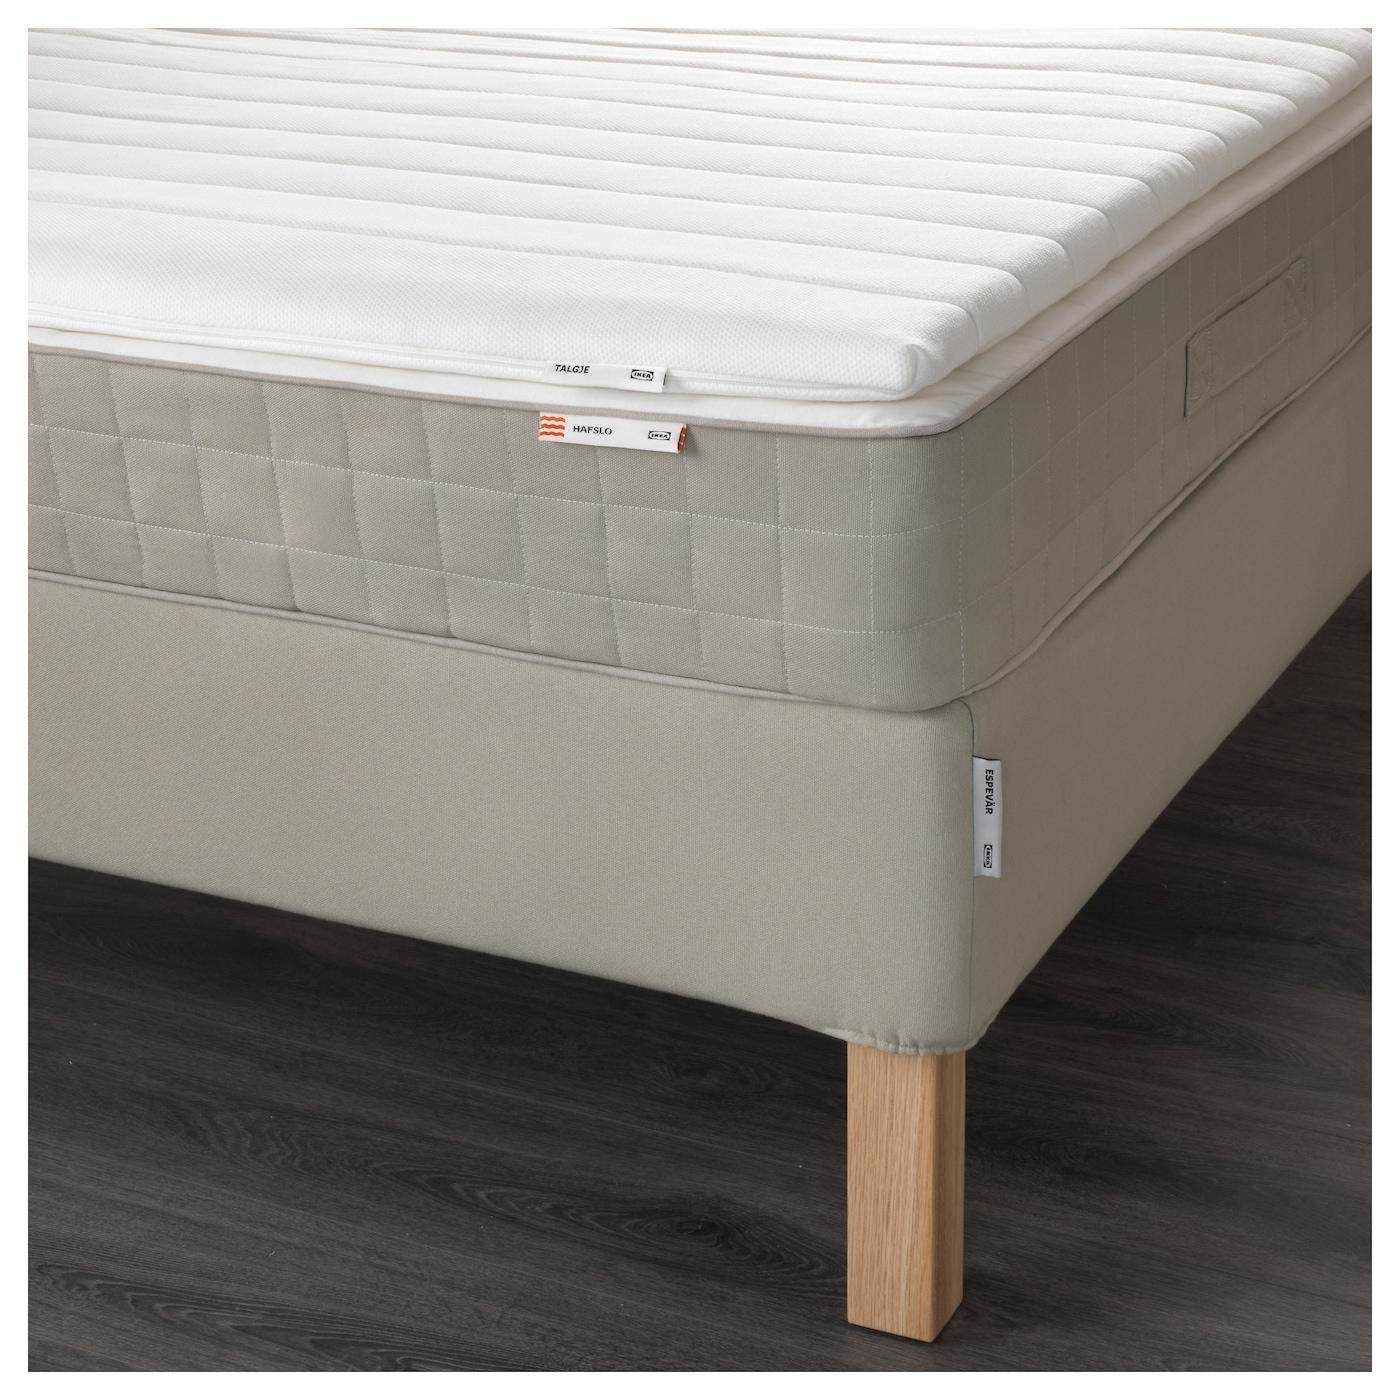 espev r lit sommier hafslo mi ferme talgje beige 160x200 cm ikea. Black Bedroom Furniture Sets. Home Design Ideas